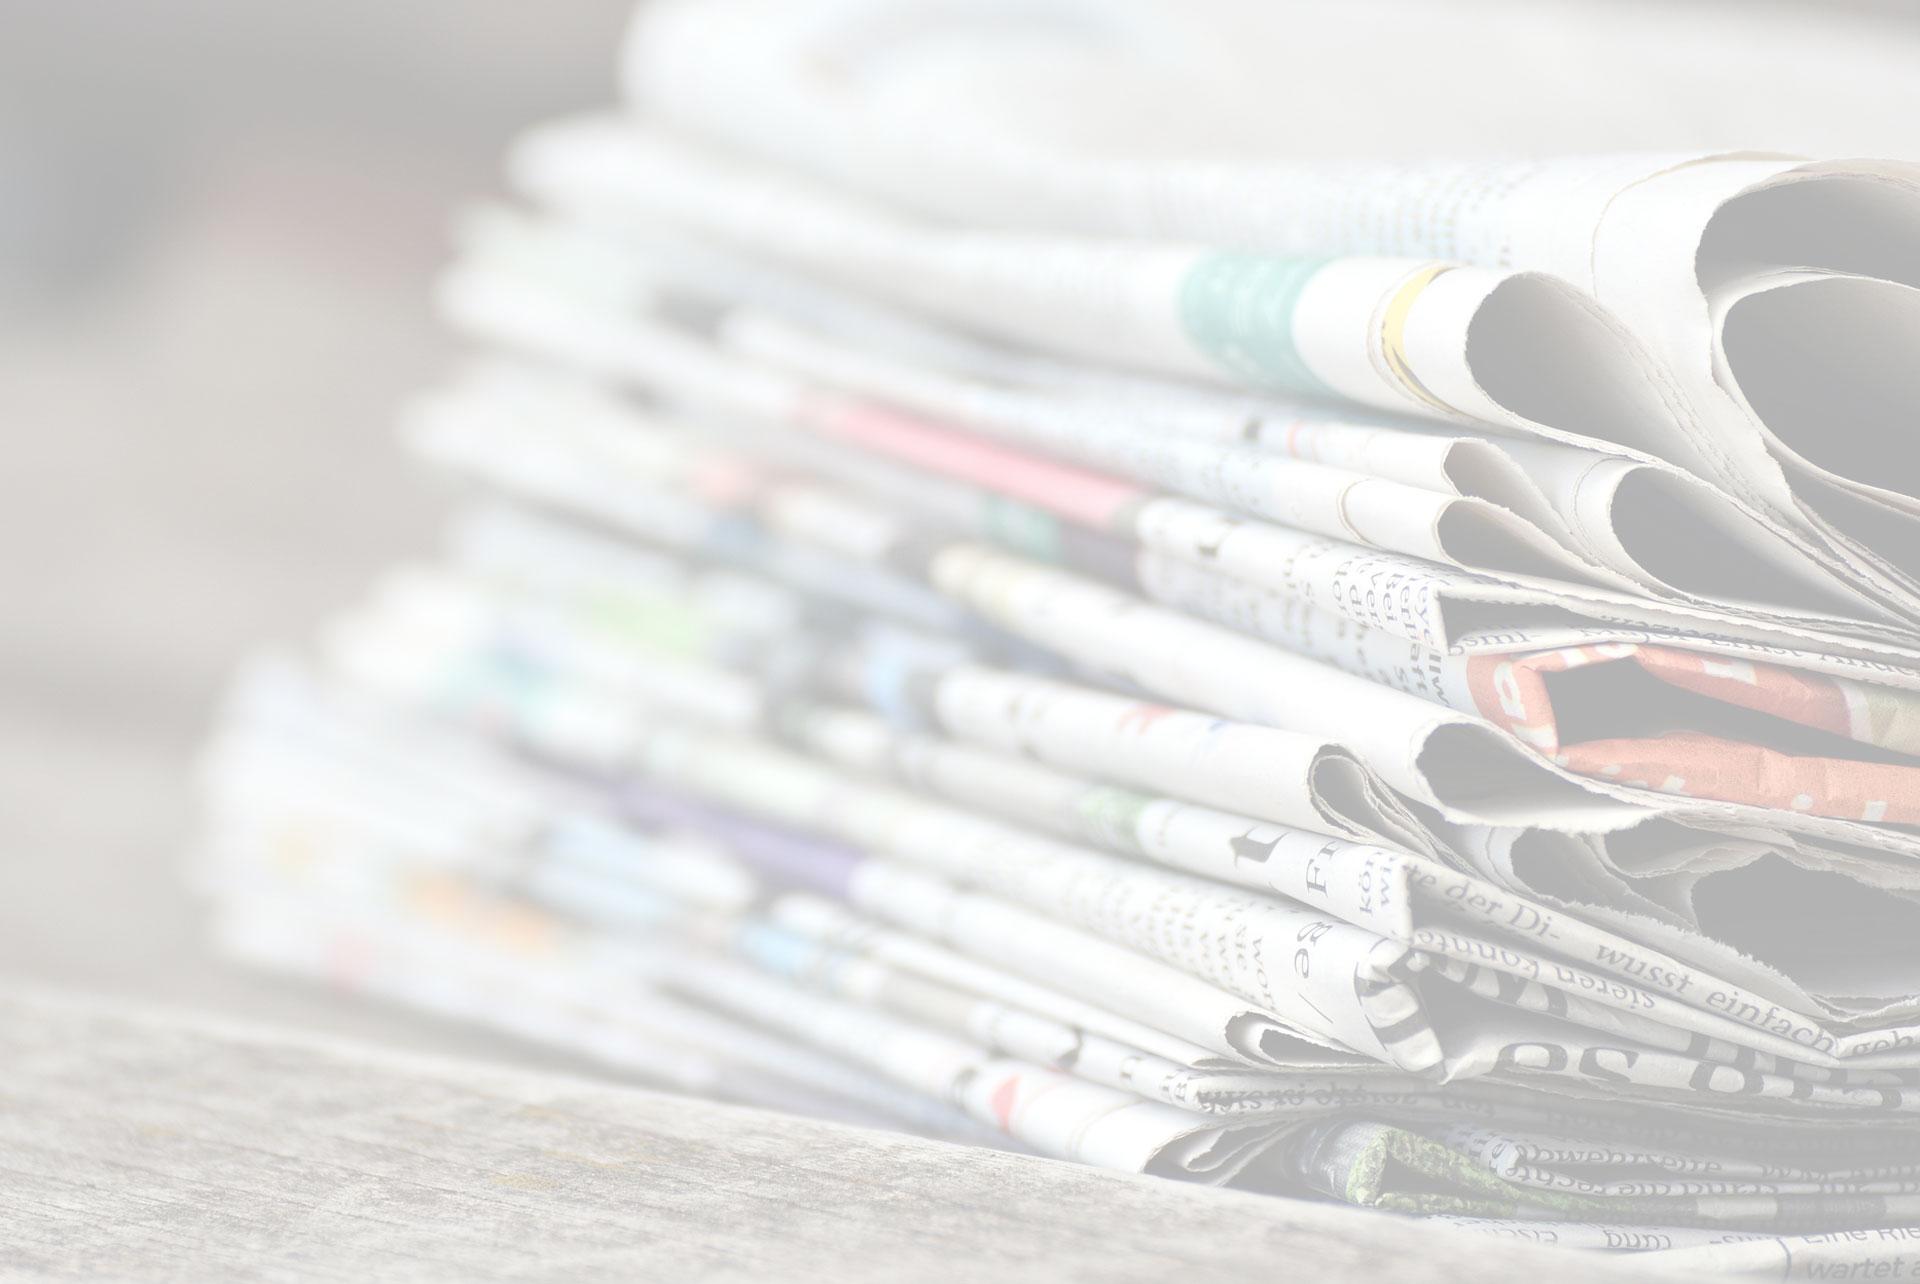 Passeggero indisciplinato, volo Alitalia Roma New York costr